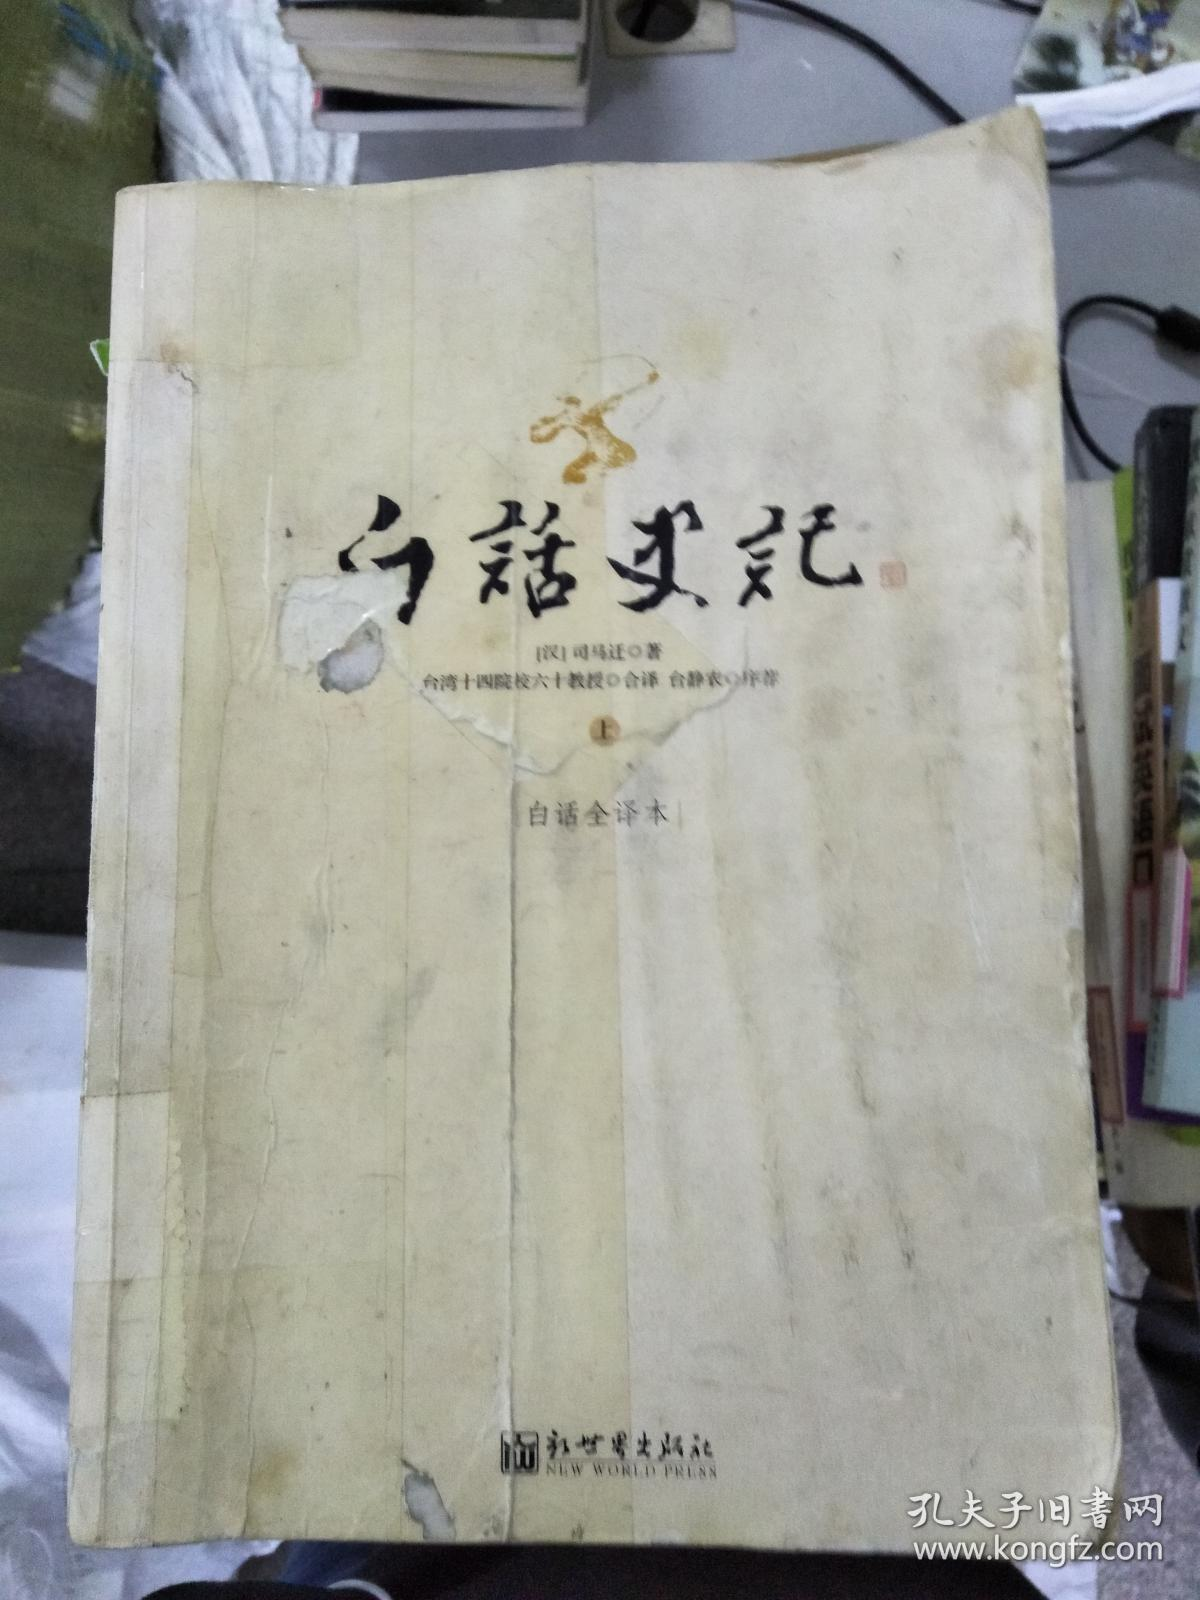 正版!!白话史记(上):白话全译本9787802283367